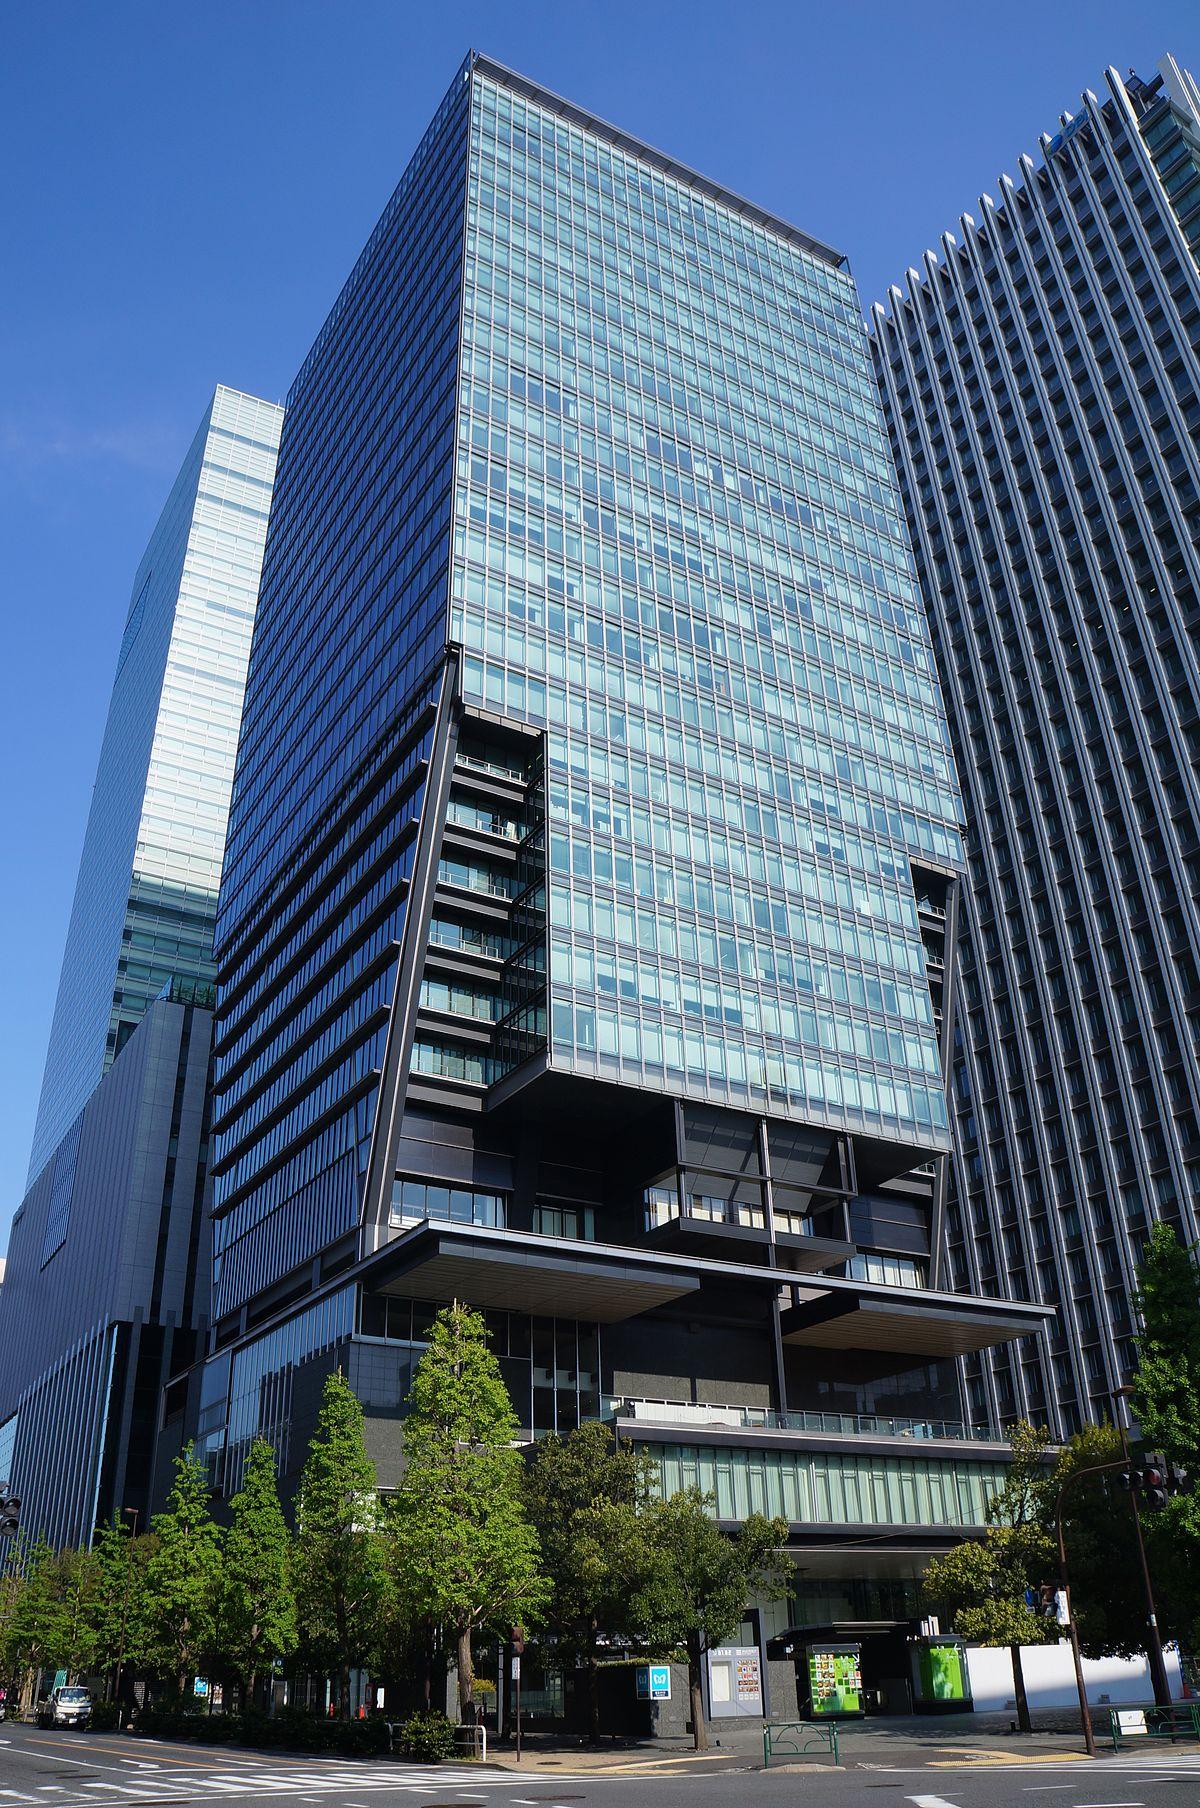 日本株式会社_UACJ - Wikipedia